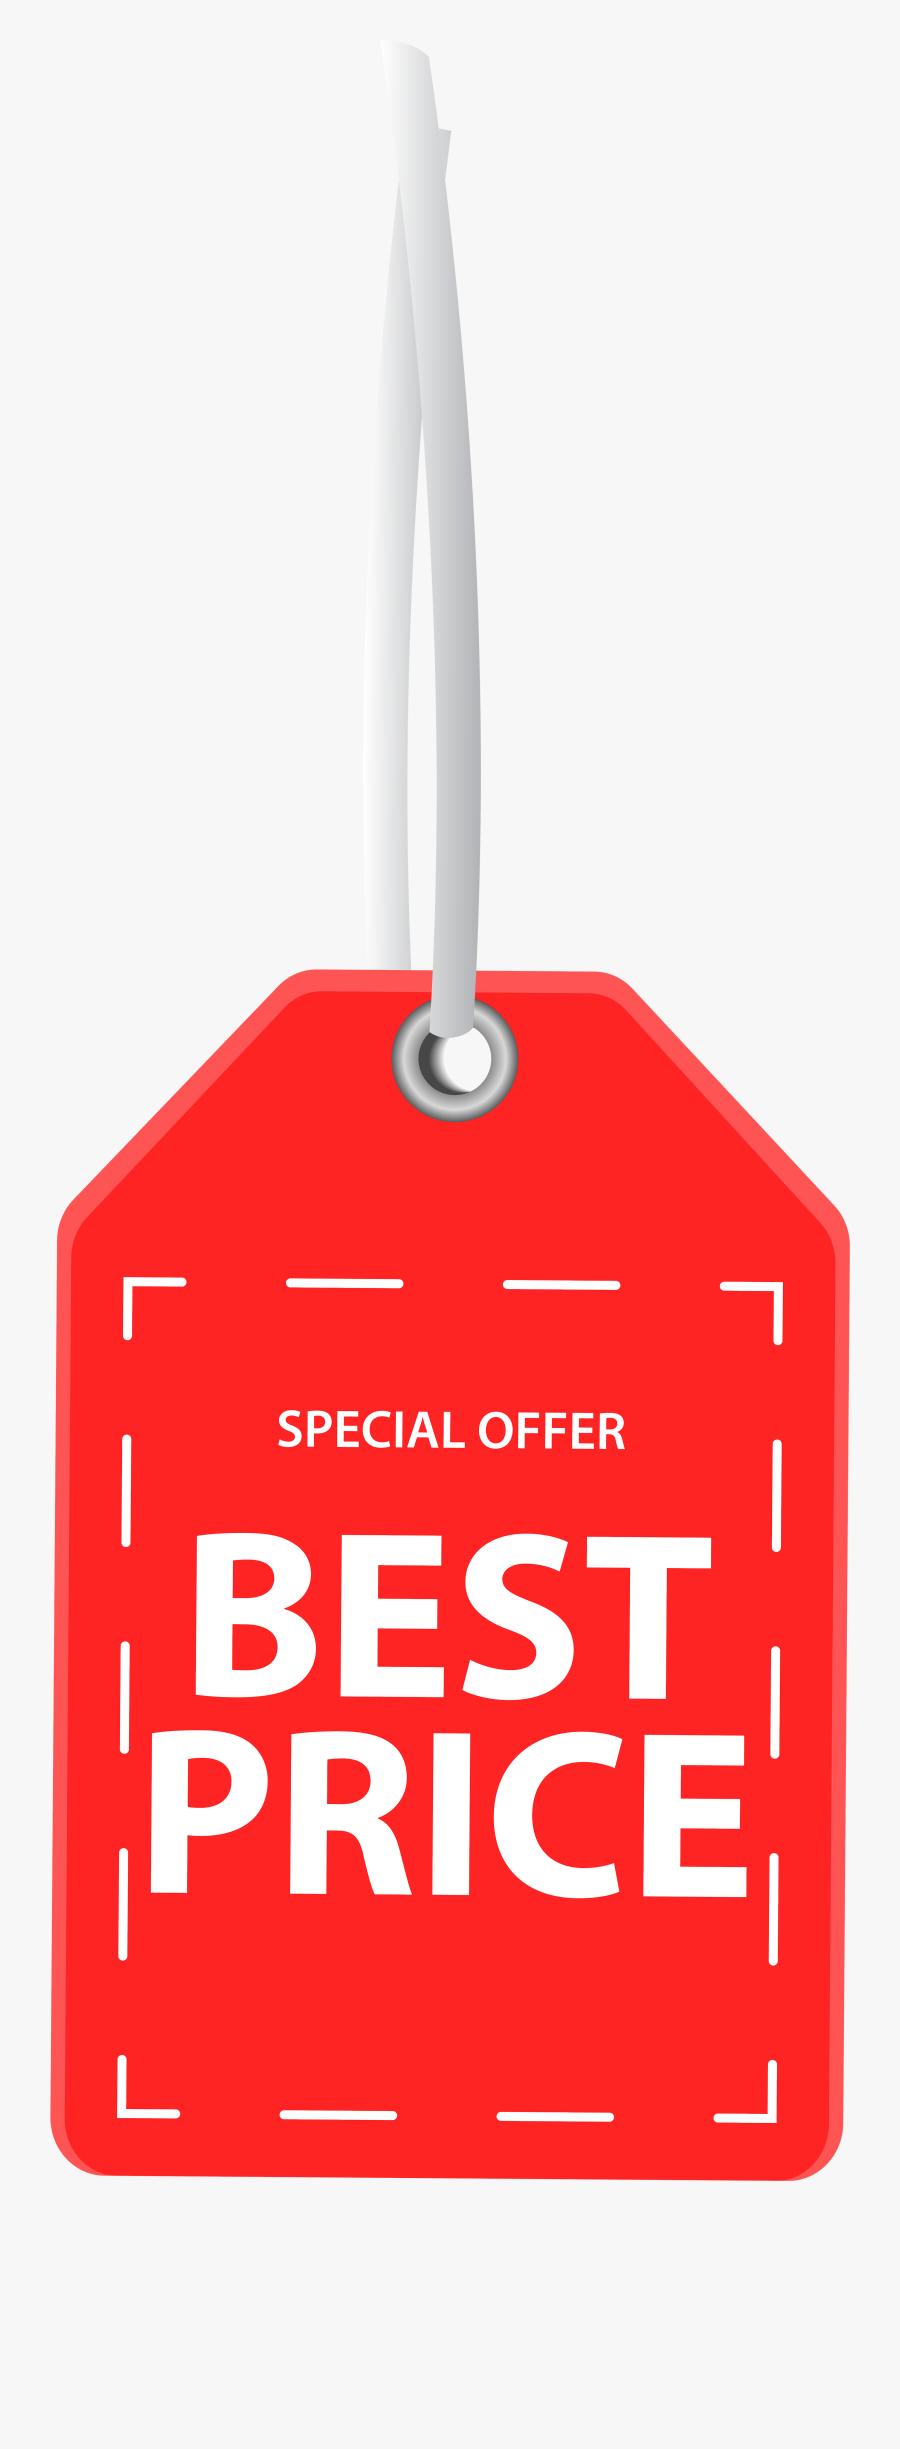 Clip Art Best Clip Art Image - Best Price, Transparent Clipart